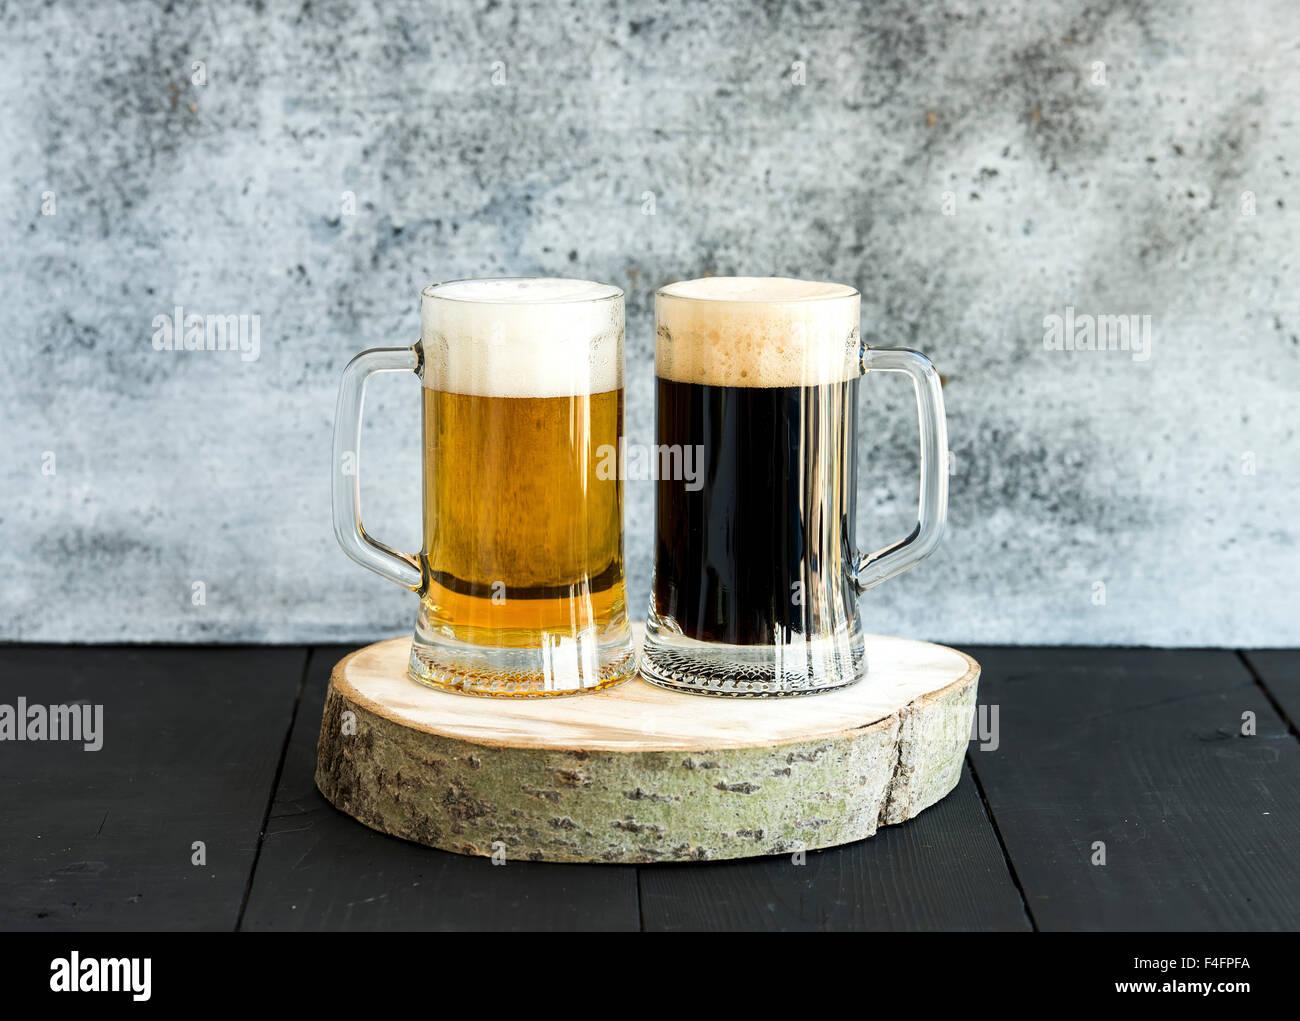 Luce e birra scura in tazze sulla tavola di legno, grunge sfondo Immagini Stock